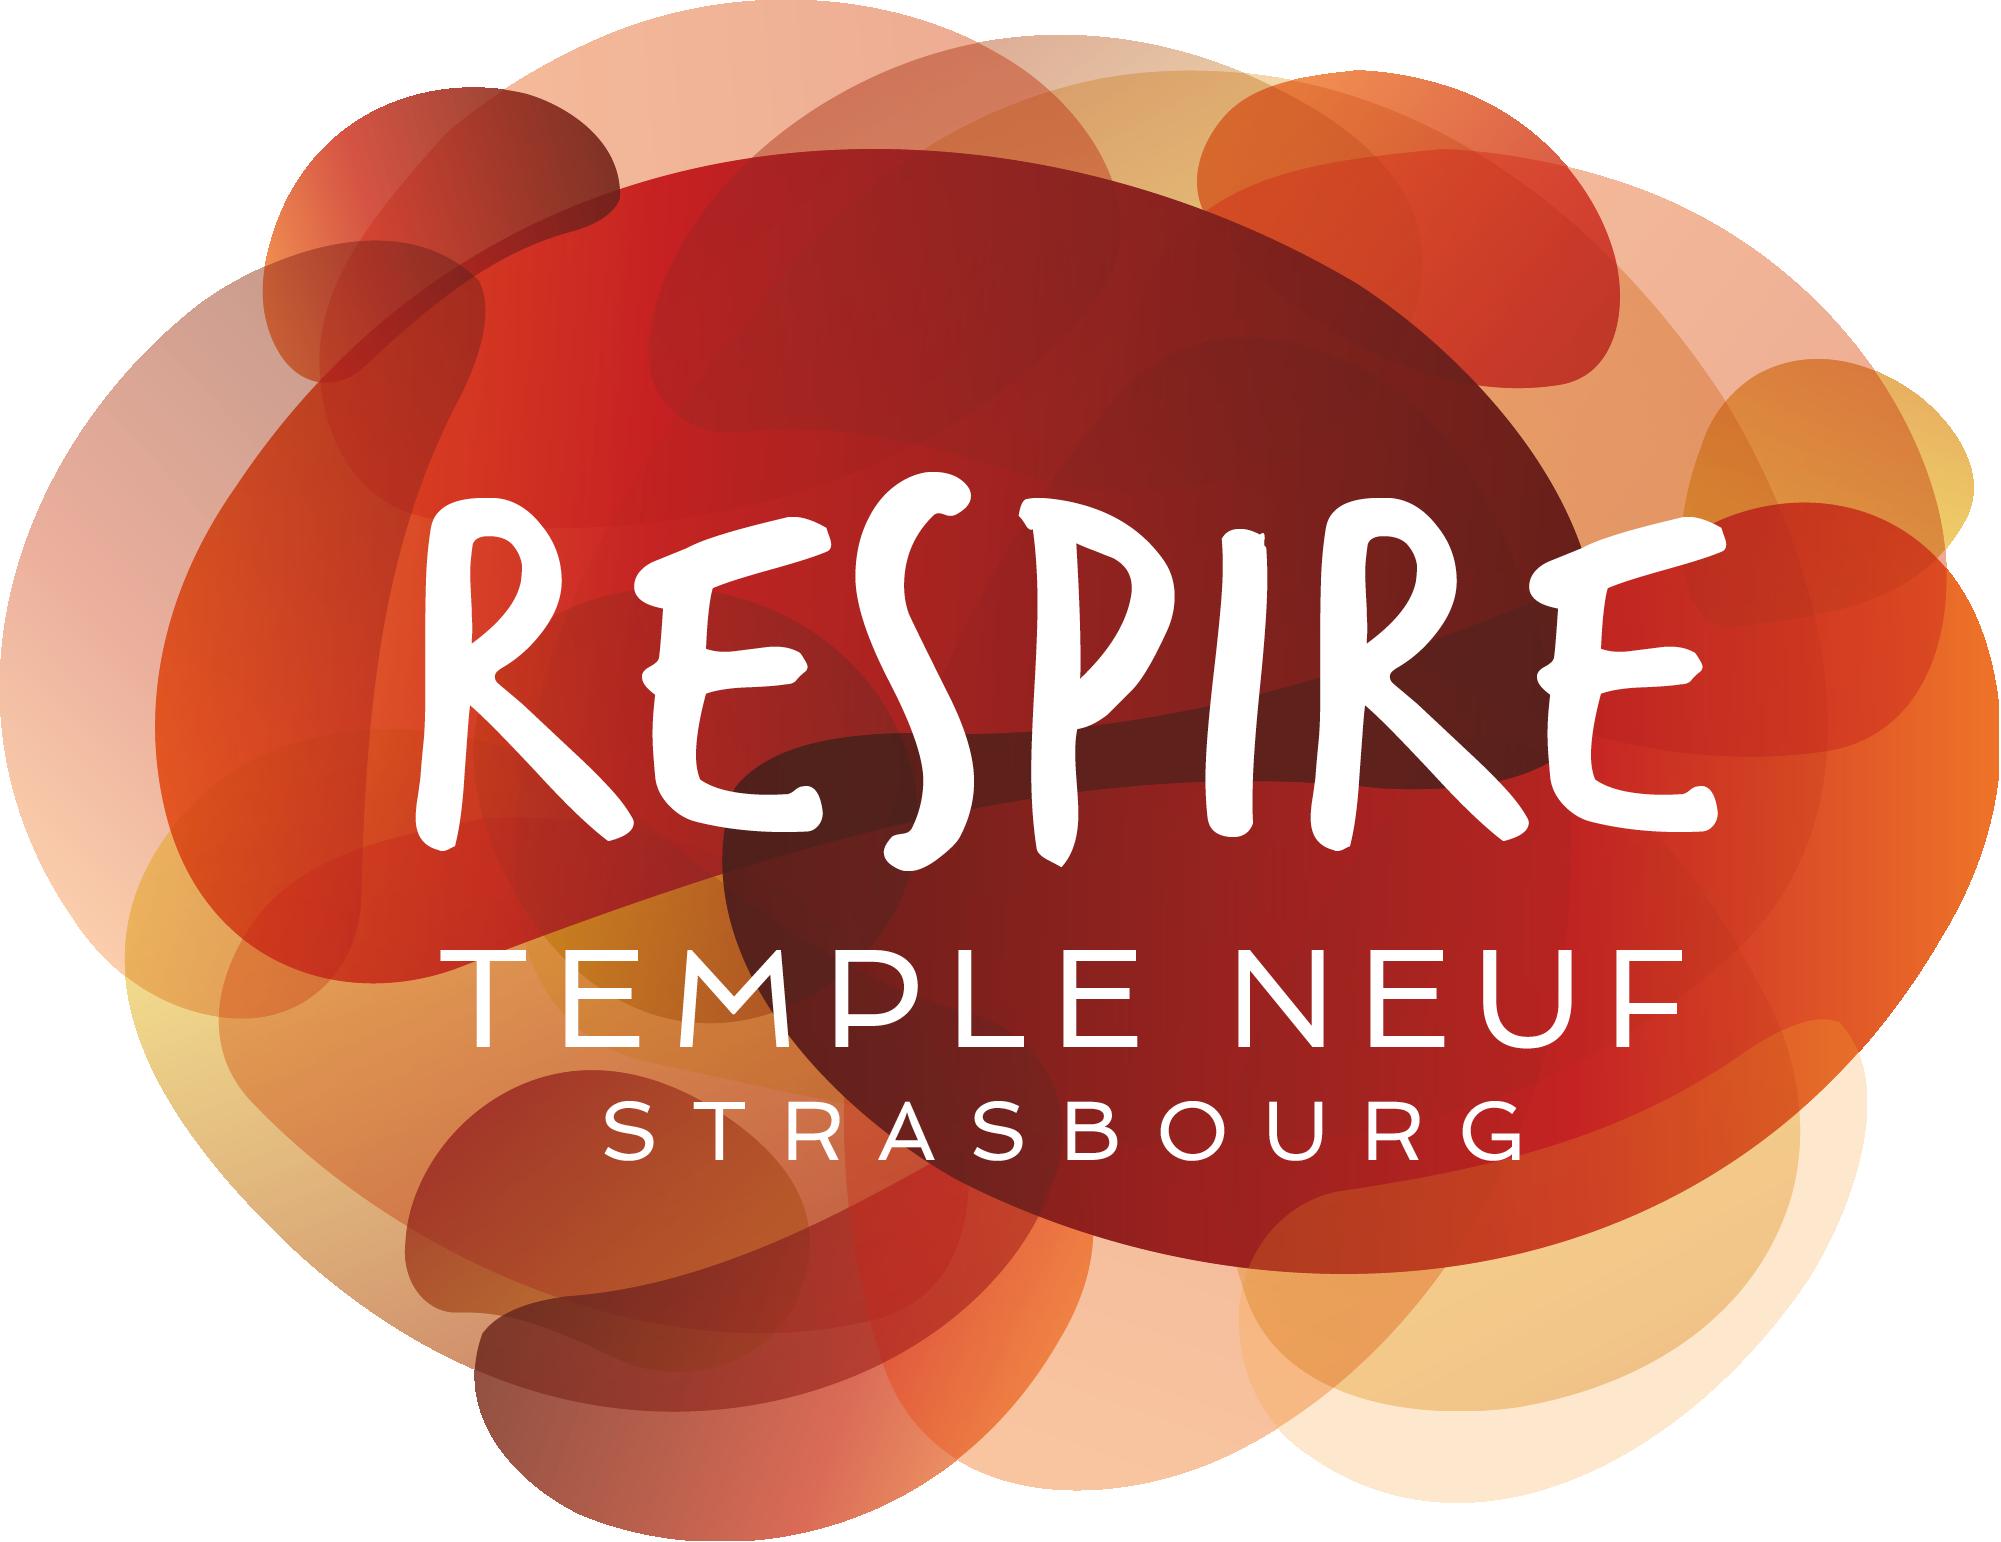 RESPIRE - Temple Neuf